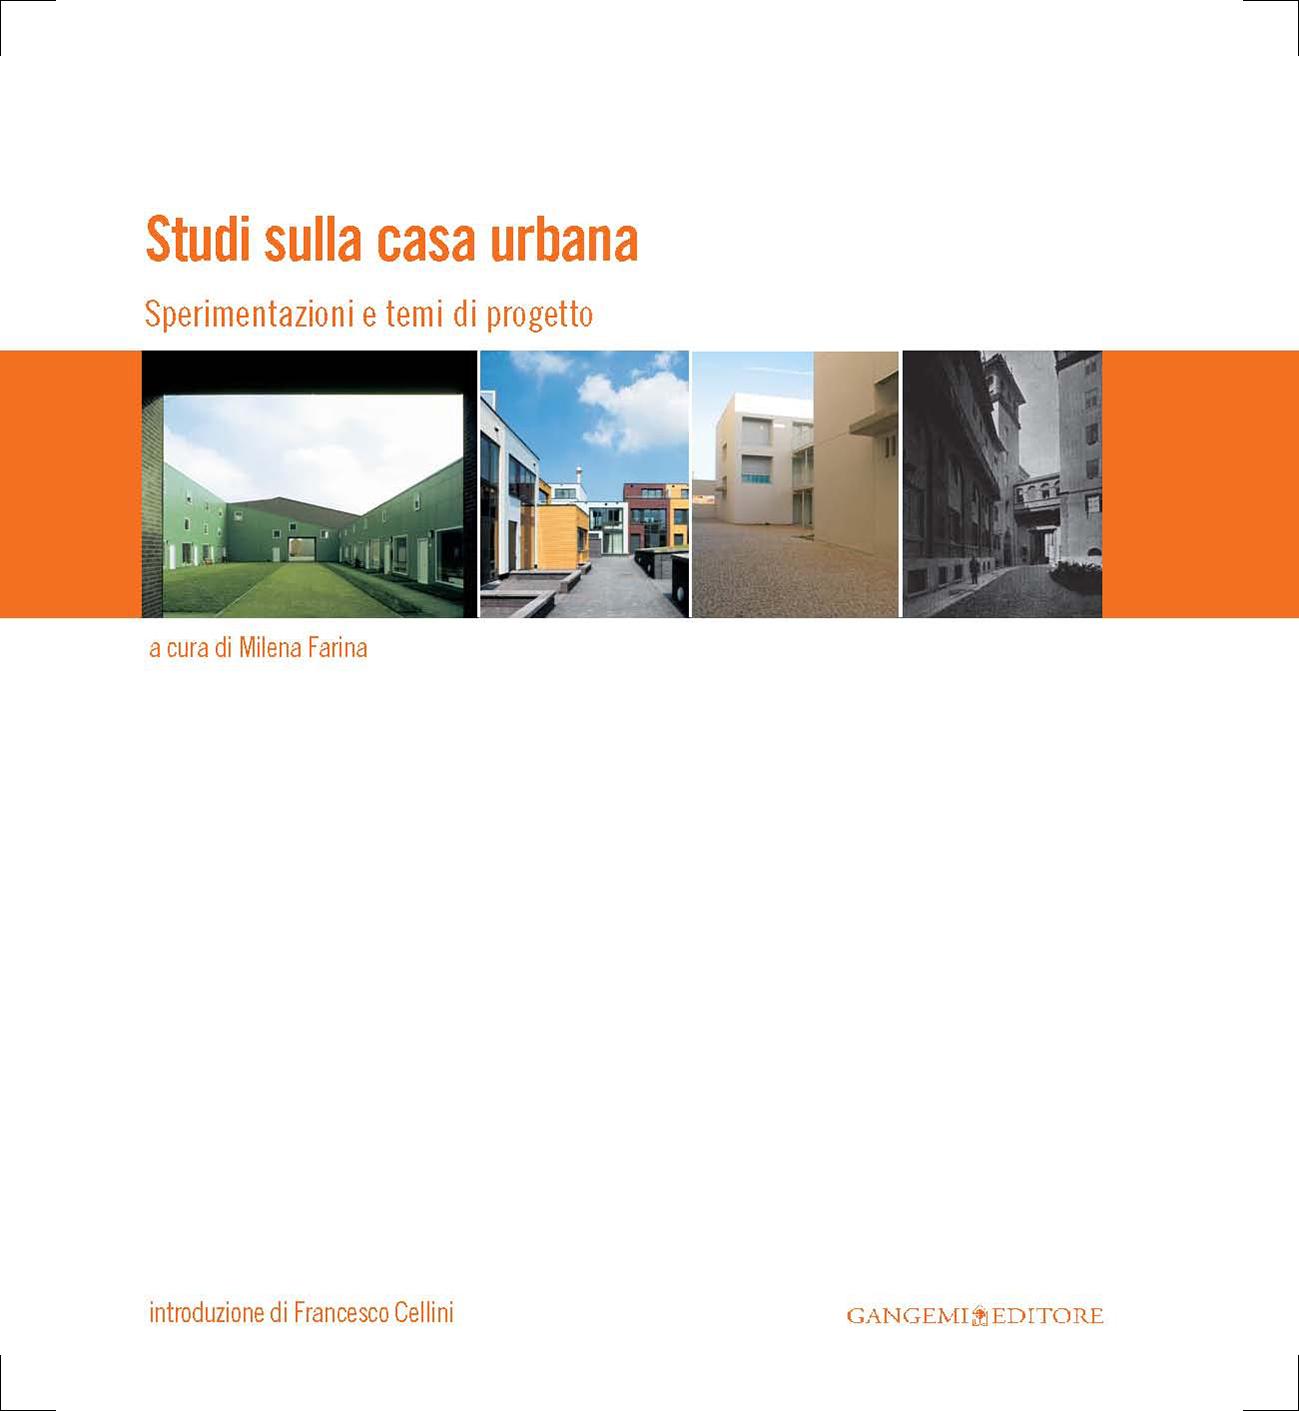 Milena Farina (a cura di), Studi sulla casa urbana. Sperimentazioni e temi di progetto